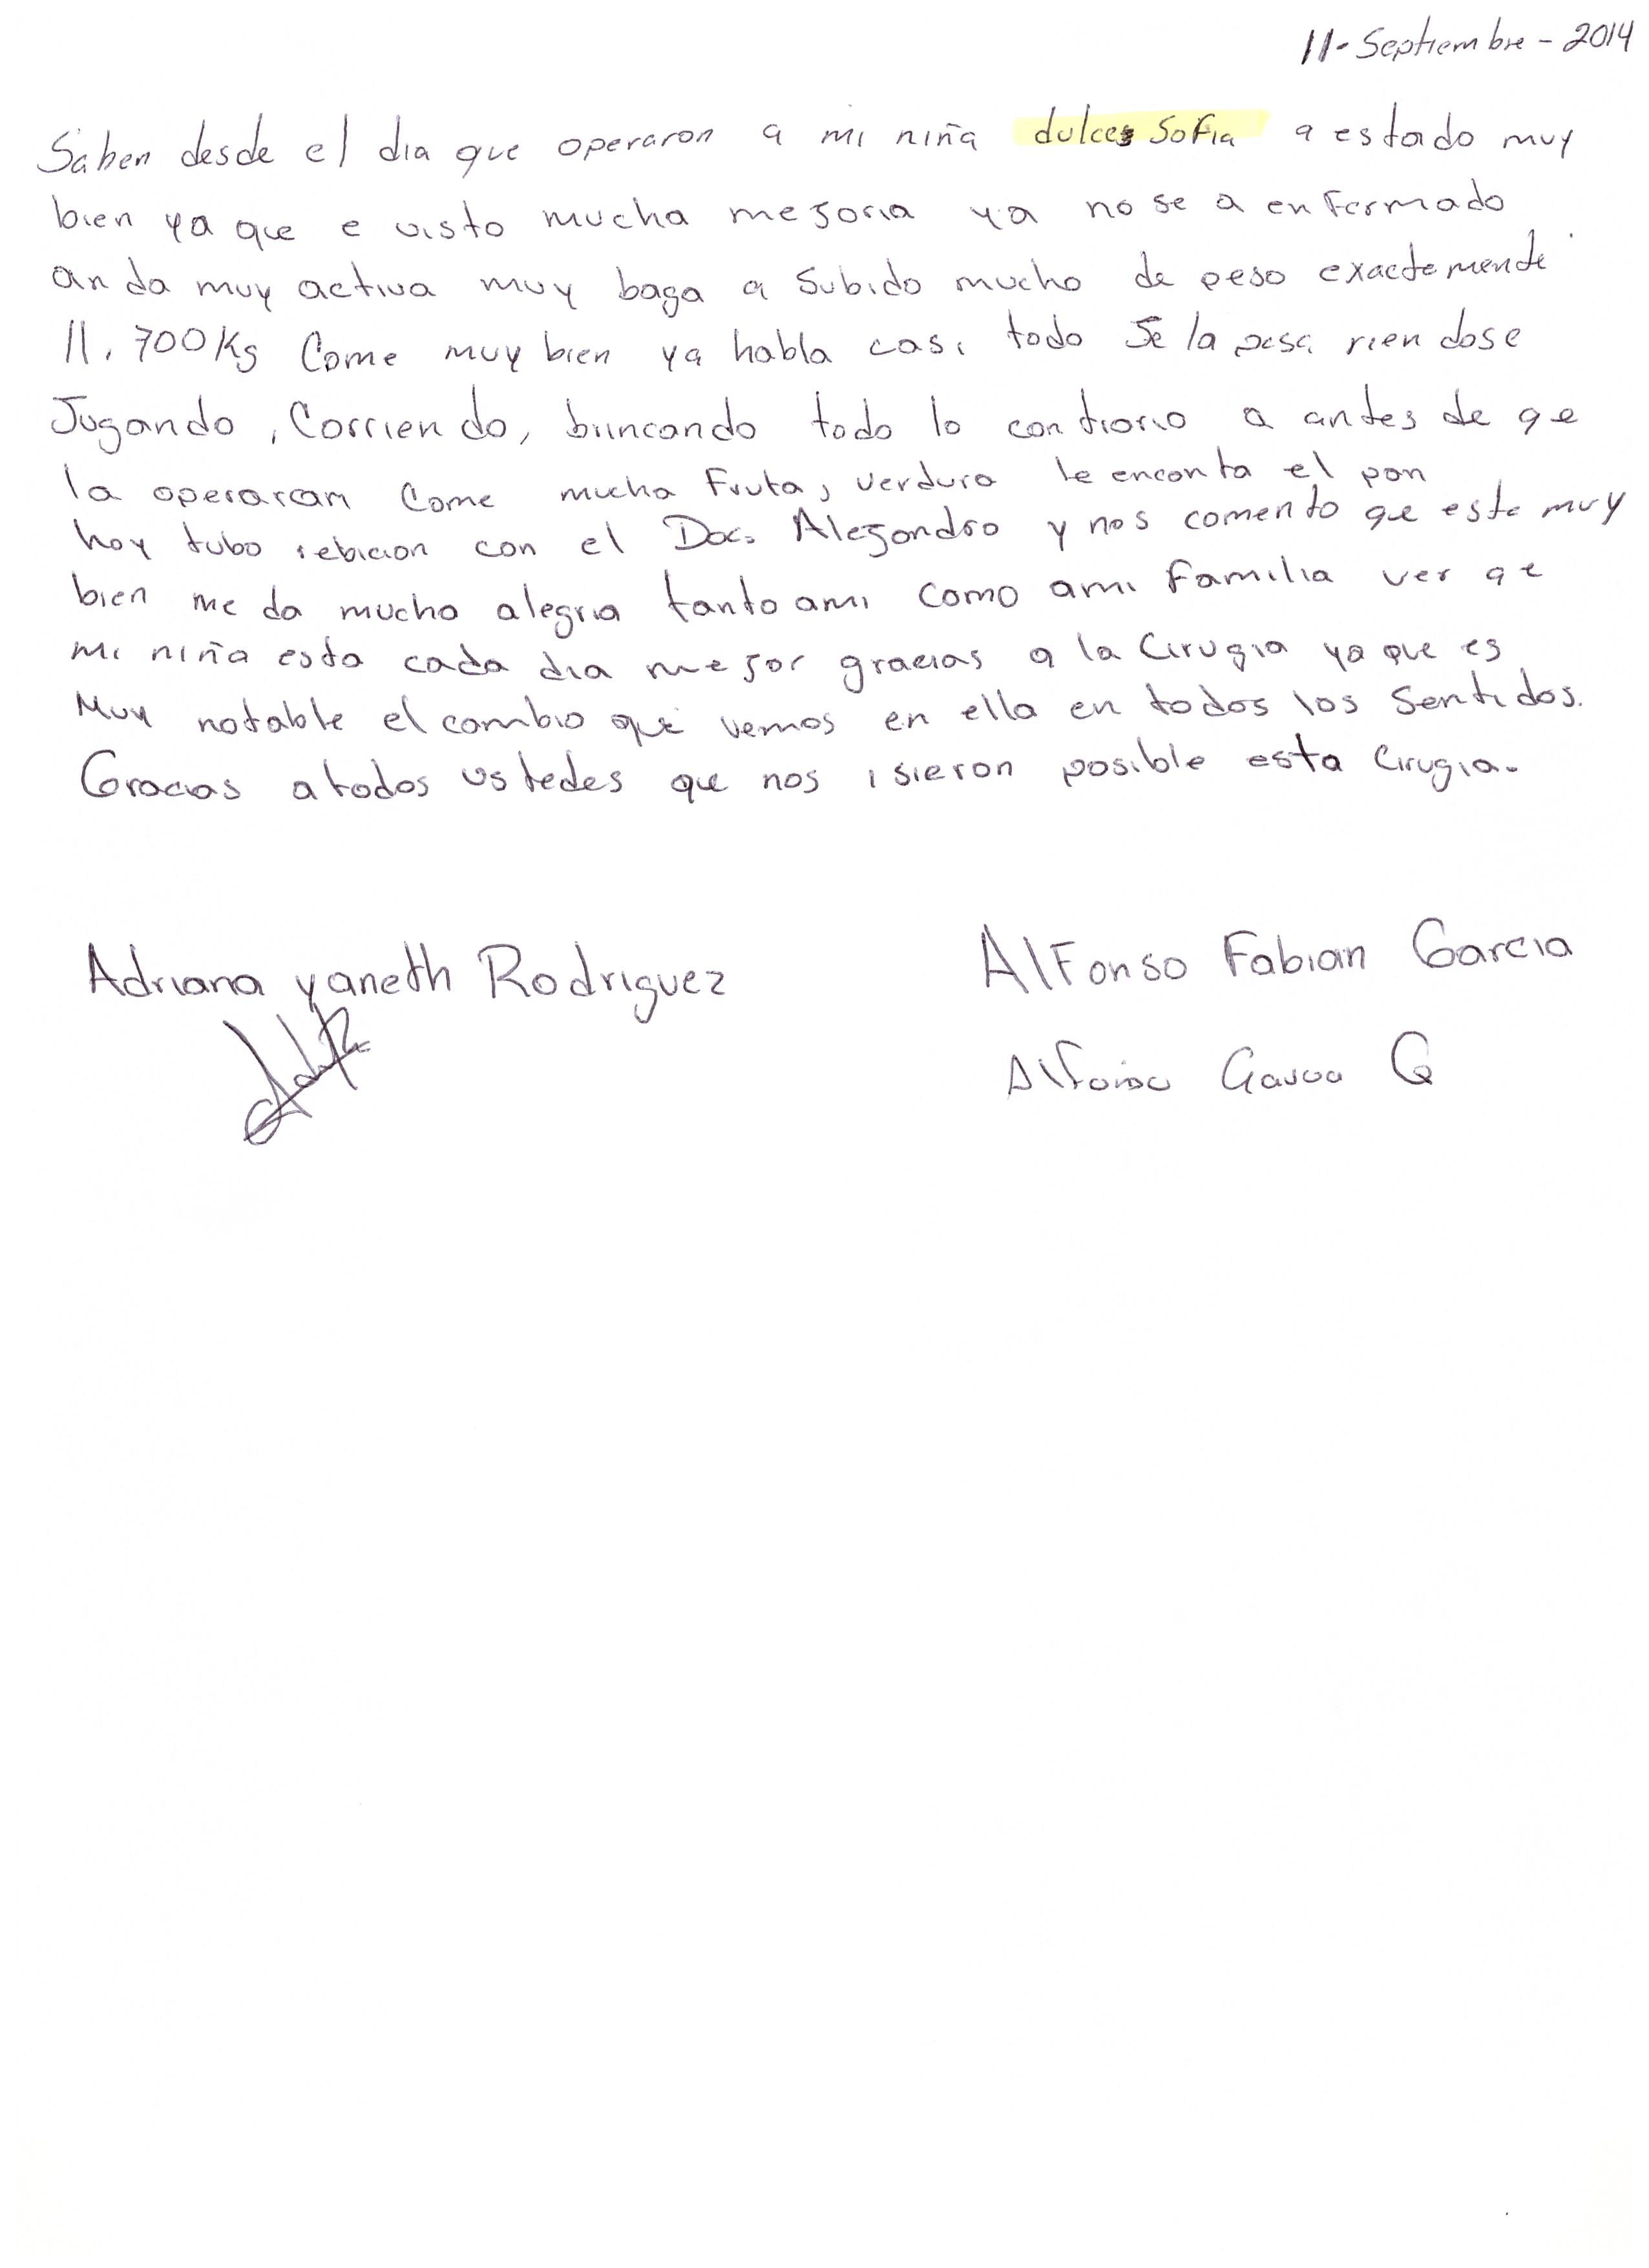 Carta mamá Dulce Sofía